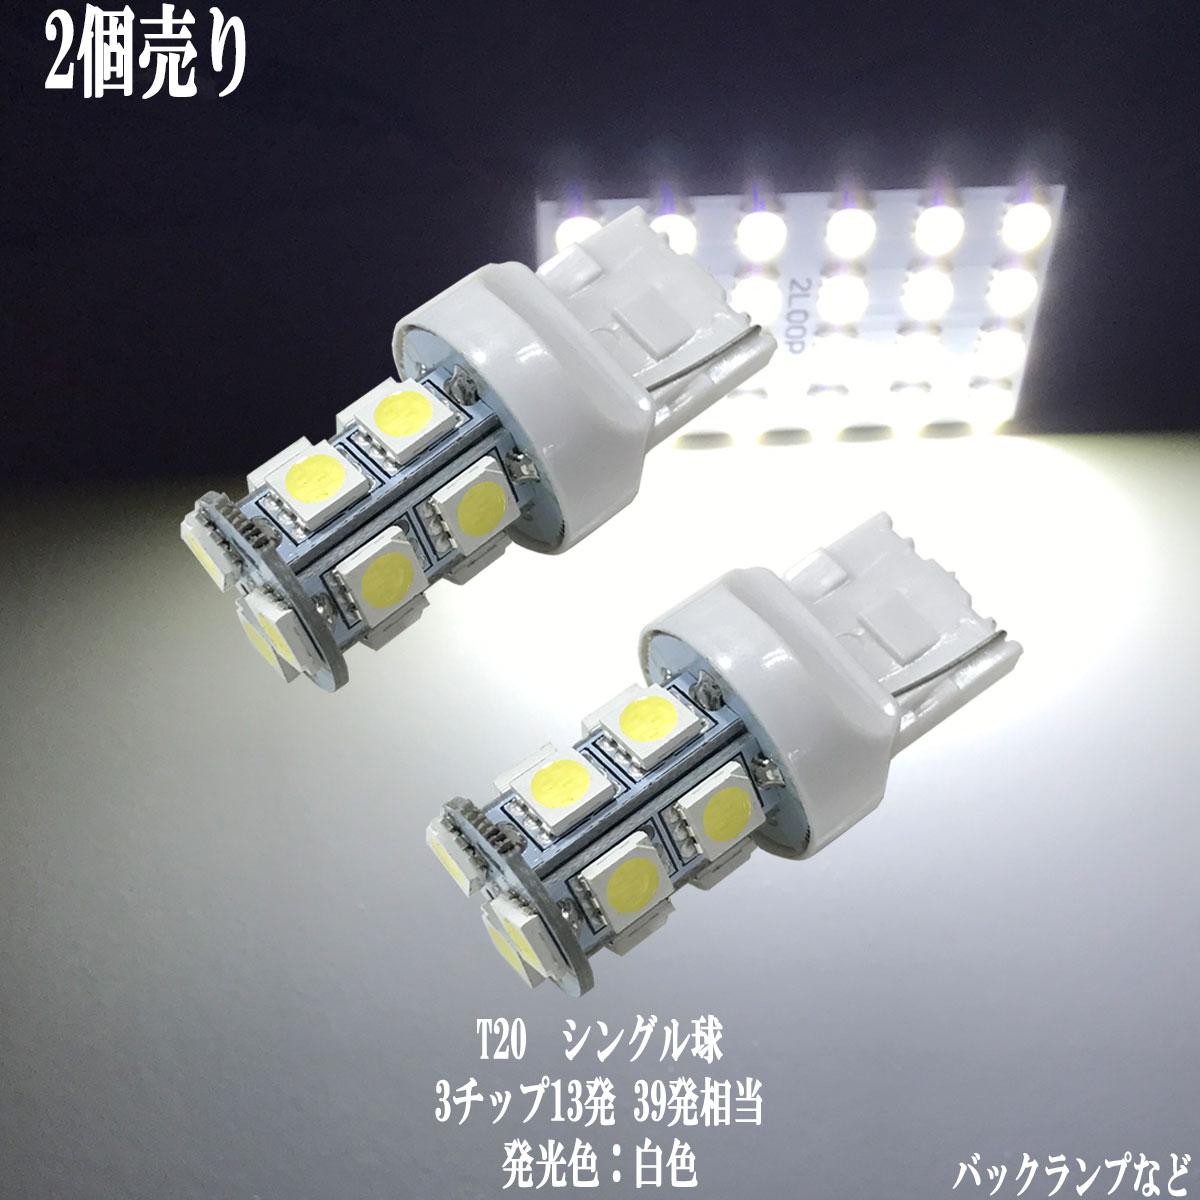 2個セット T20 LED 3チップSMD ウェッジ球 13連 バックランプ シングル球 t20 led バックランプ 綺麗な光 車検対応 6500Kクラスの【純白光】1年保証 あす楽対象